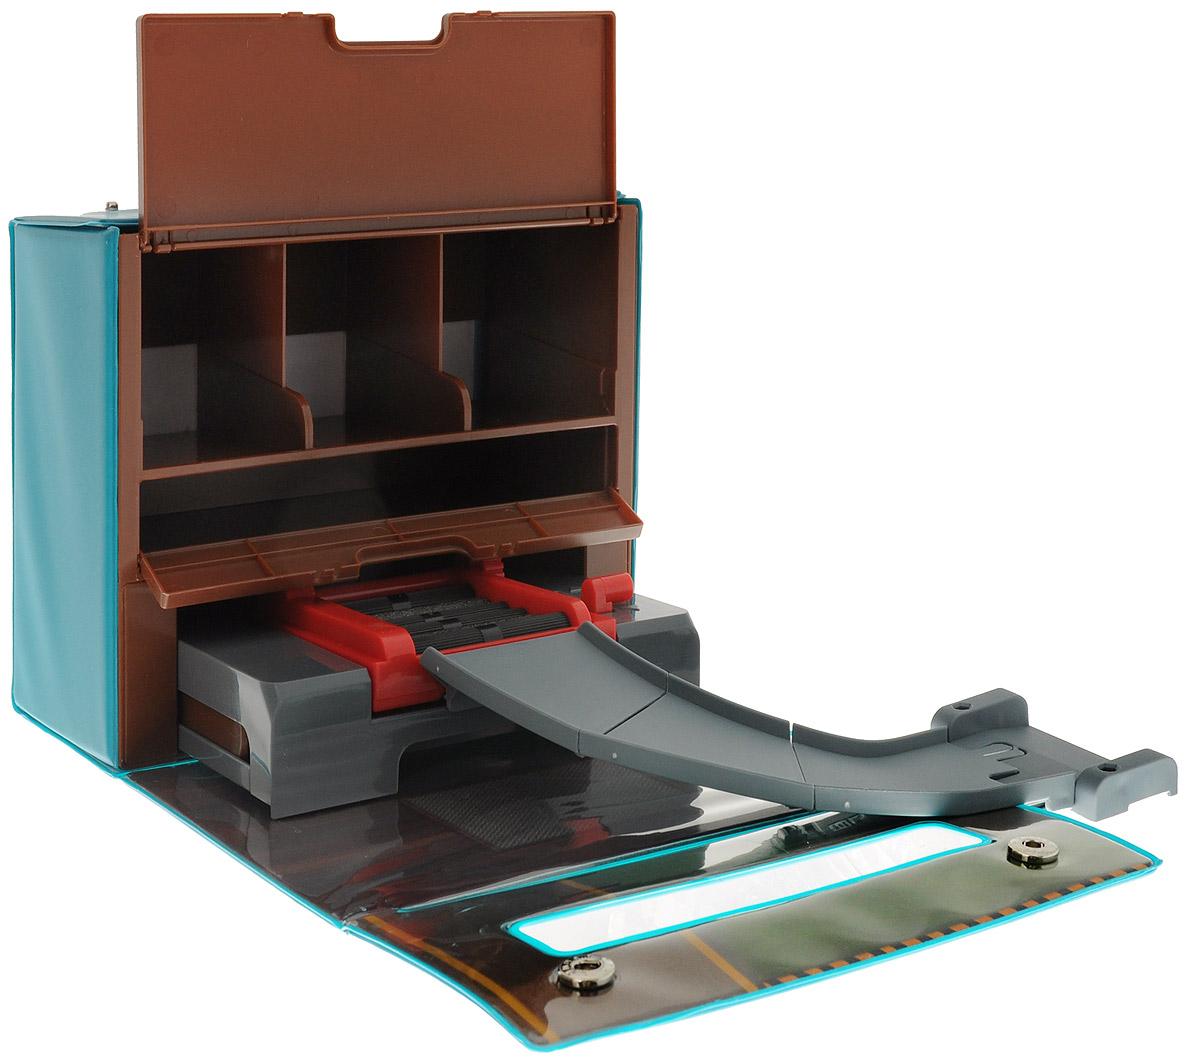 Robocar Poli Игровой набор Мастерская Уиллера83247Игровой набор Robocar Poli Мастерская Уиллера станет отличным подарком маленькому поклоннику Robocar Poli. Набор представляет собой мастерскую Уиллера, выполненную в виде кейса. Машинки смогут выехать из гаража с помощью подъемного механизма. Набор можно соединить с треками из серии Робокар Поли. Кейс для хранения способен вместить три машинки (6 см), для переноски предусмотрена ручка. Бокс закрывается на кнопки. В комплект также входит часть дороги и лист с наклейками. Машинки в комплект не входят.